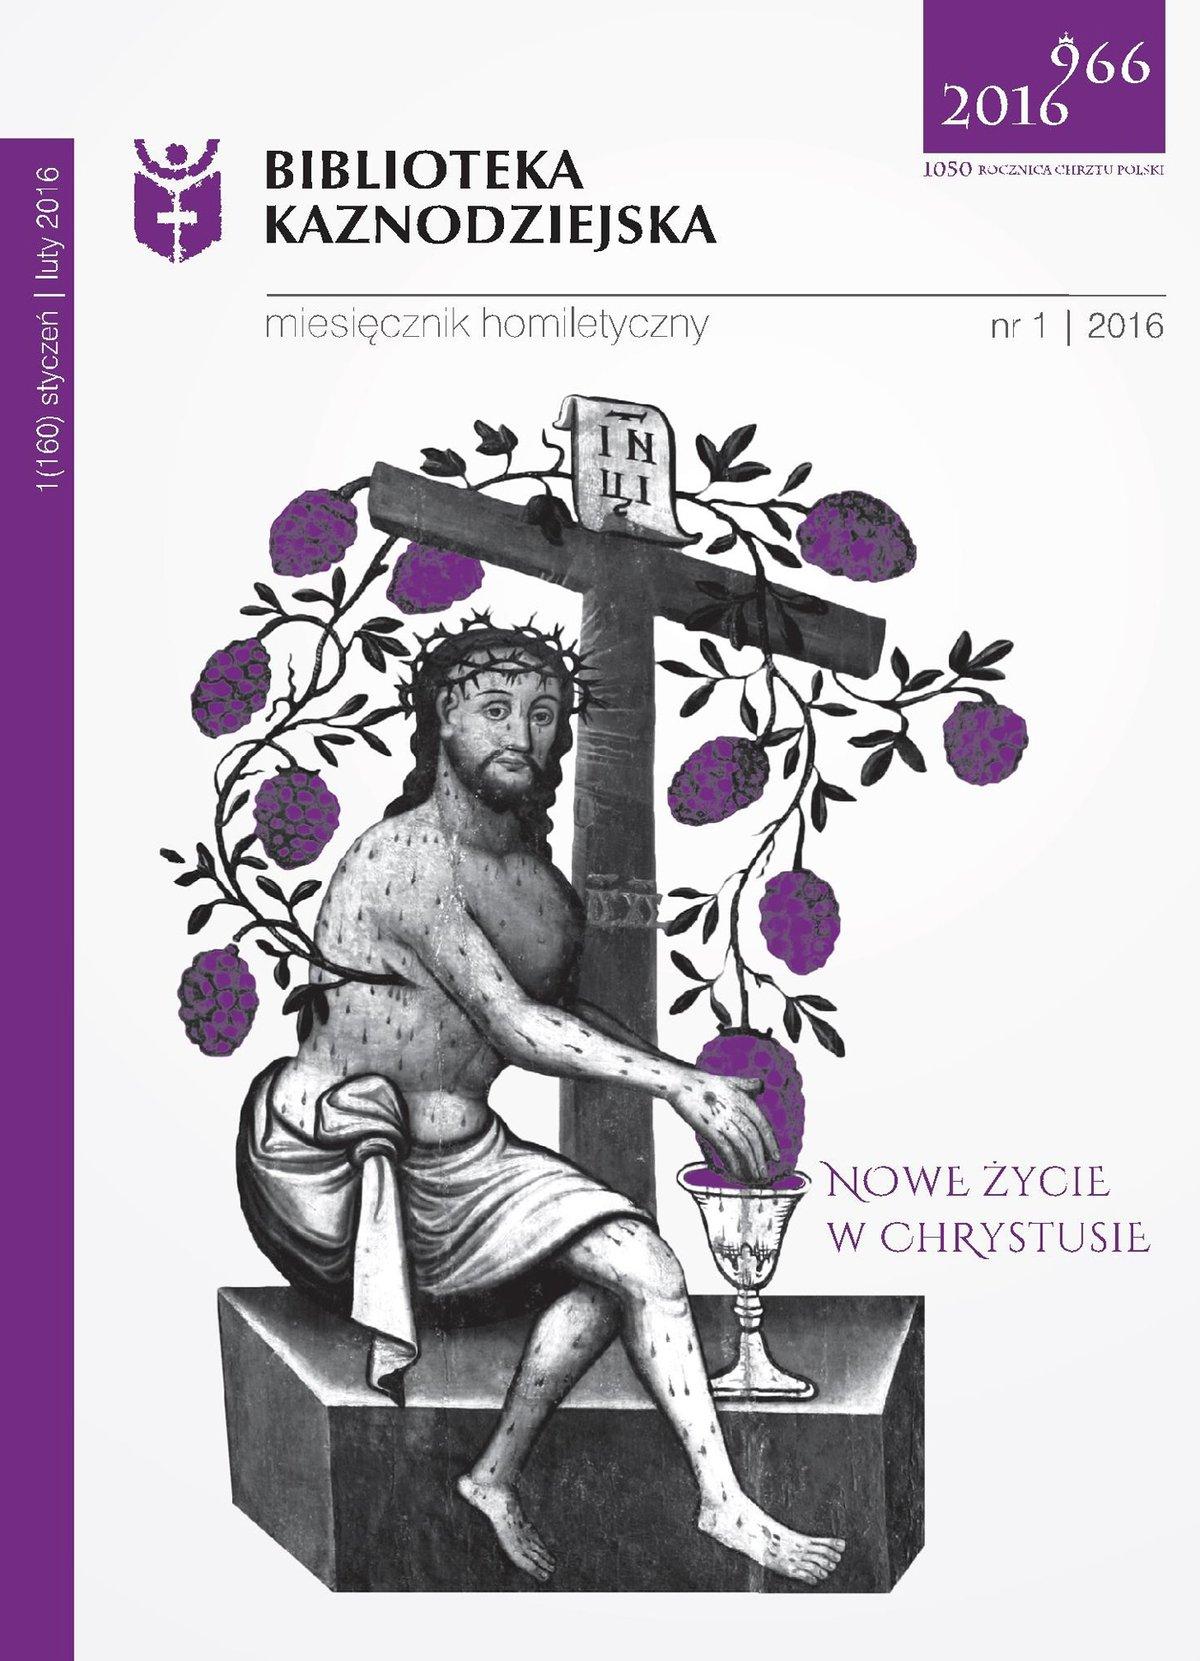 Biblioteka Kaznodziejska nr 01/2016 - Ebook (Książka EPUB) do pobrania w formacie EPUB